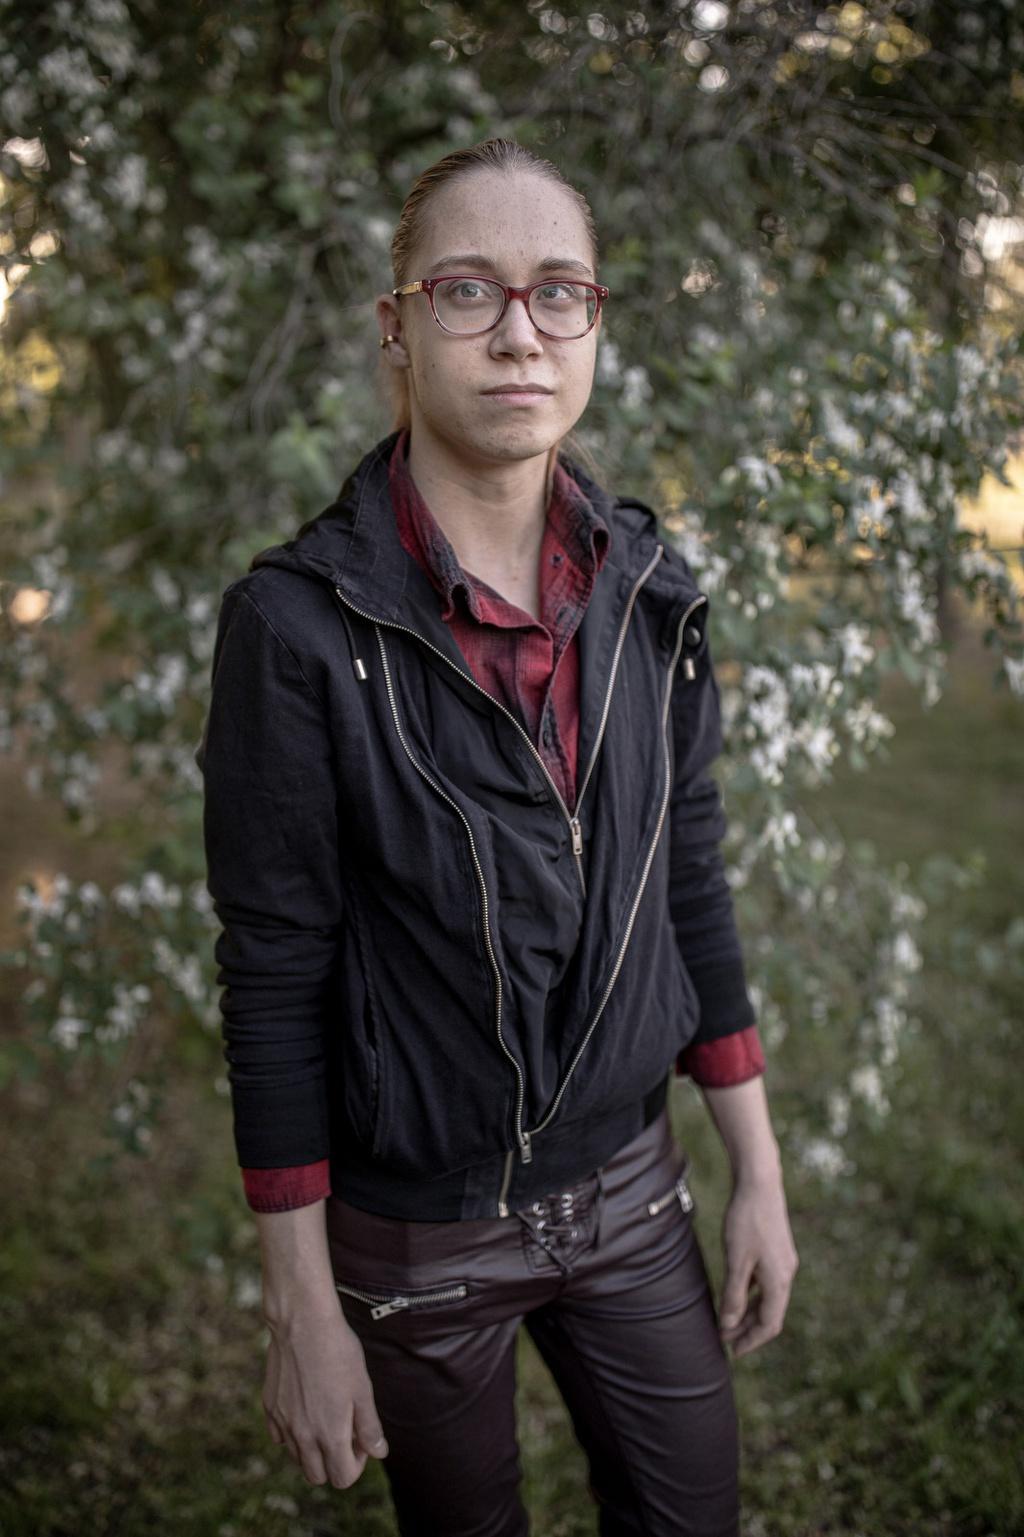 Người chuyển giới Hungary sống trong sợ hãi sau luật mới khắc nghiệt Ảnh 8